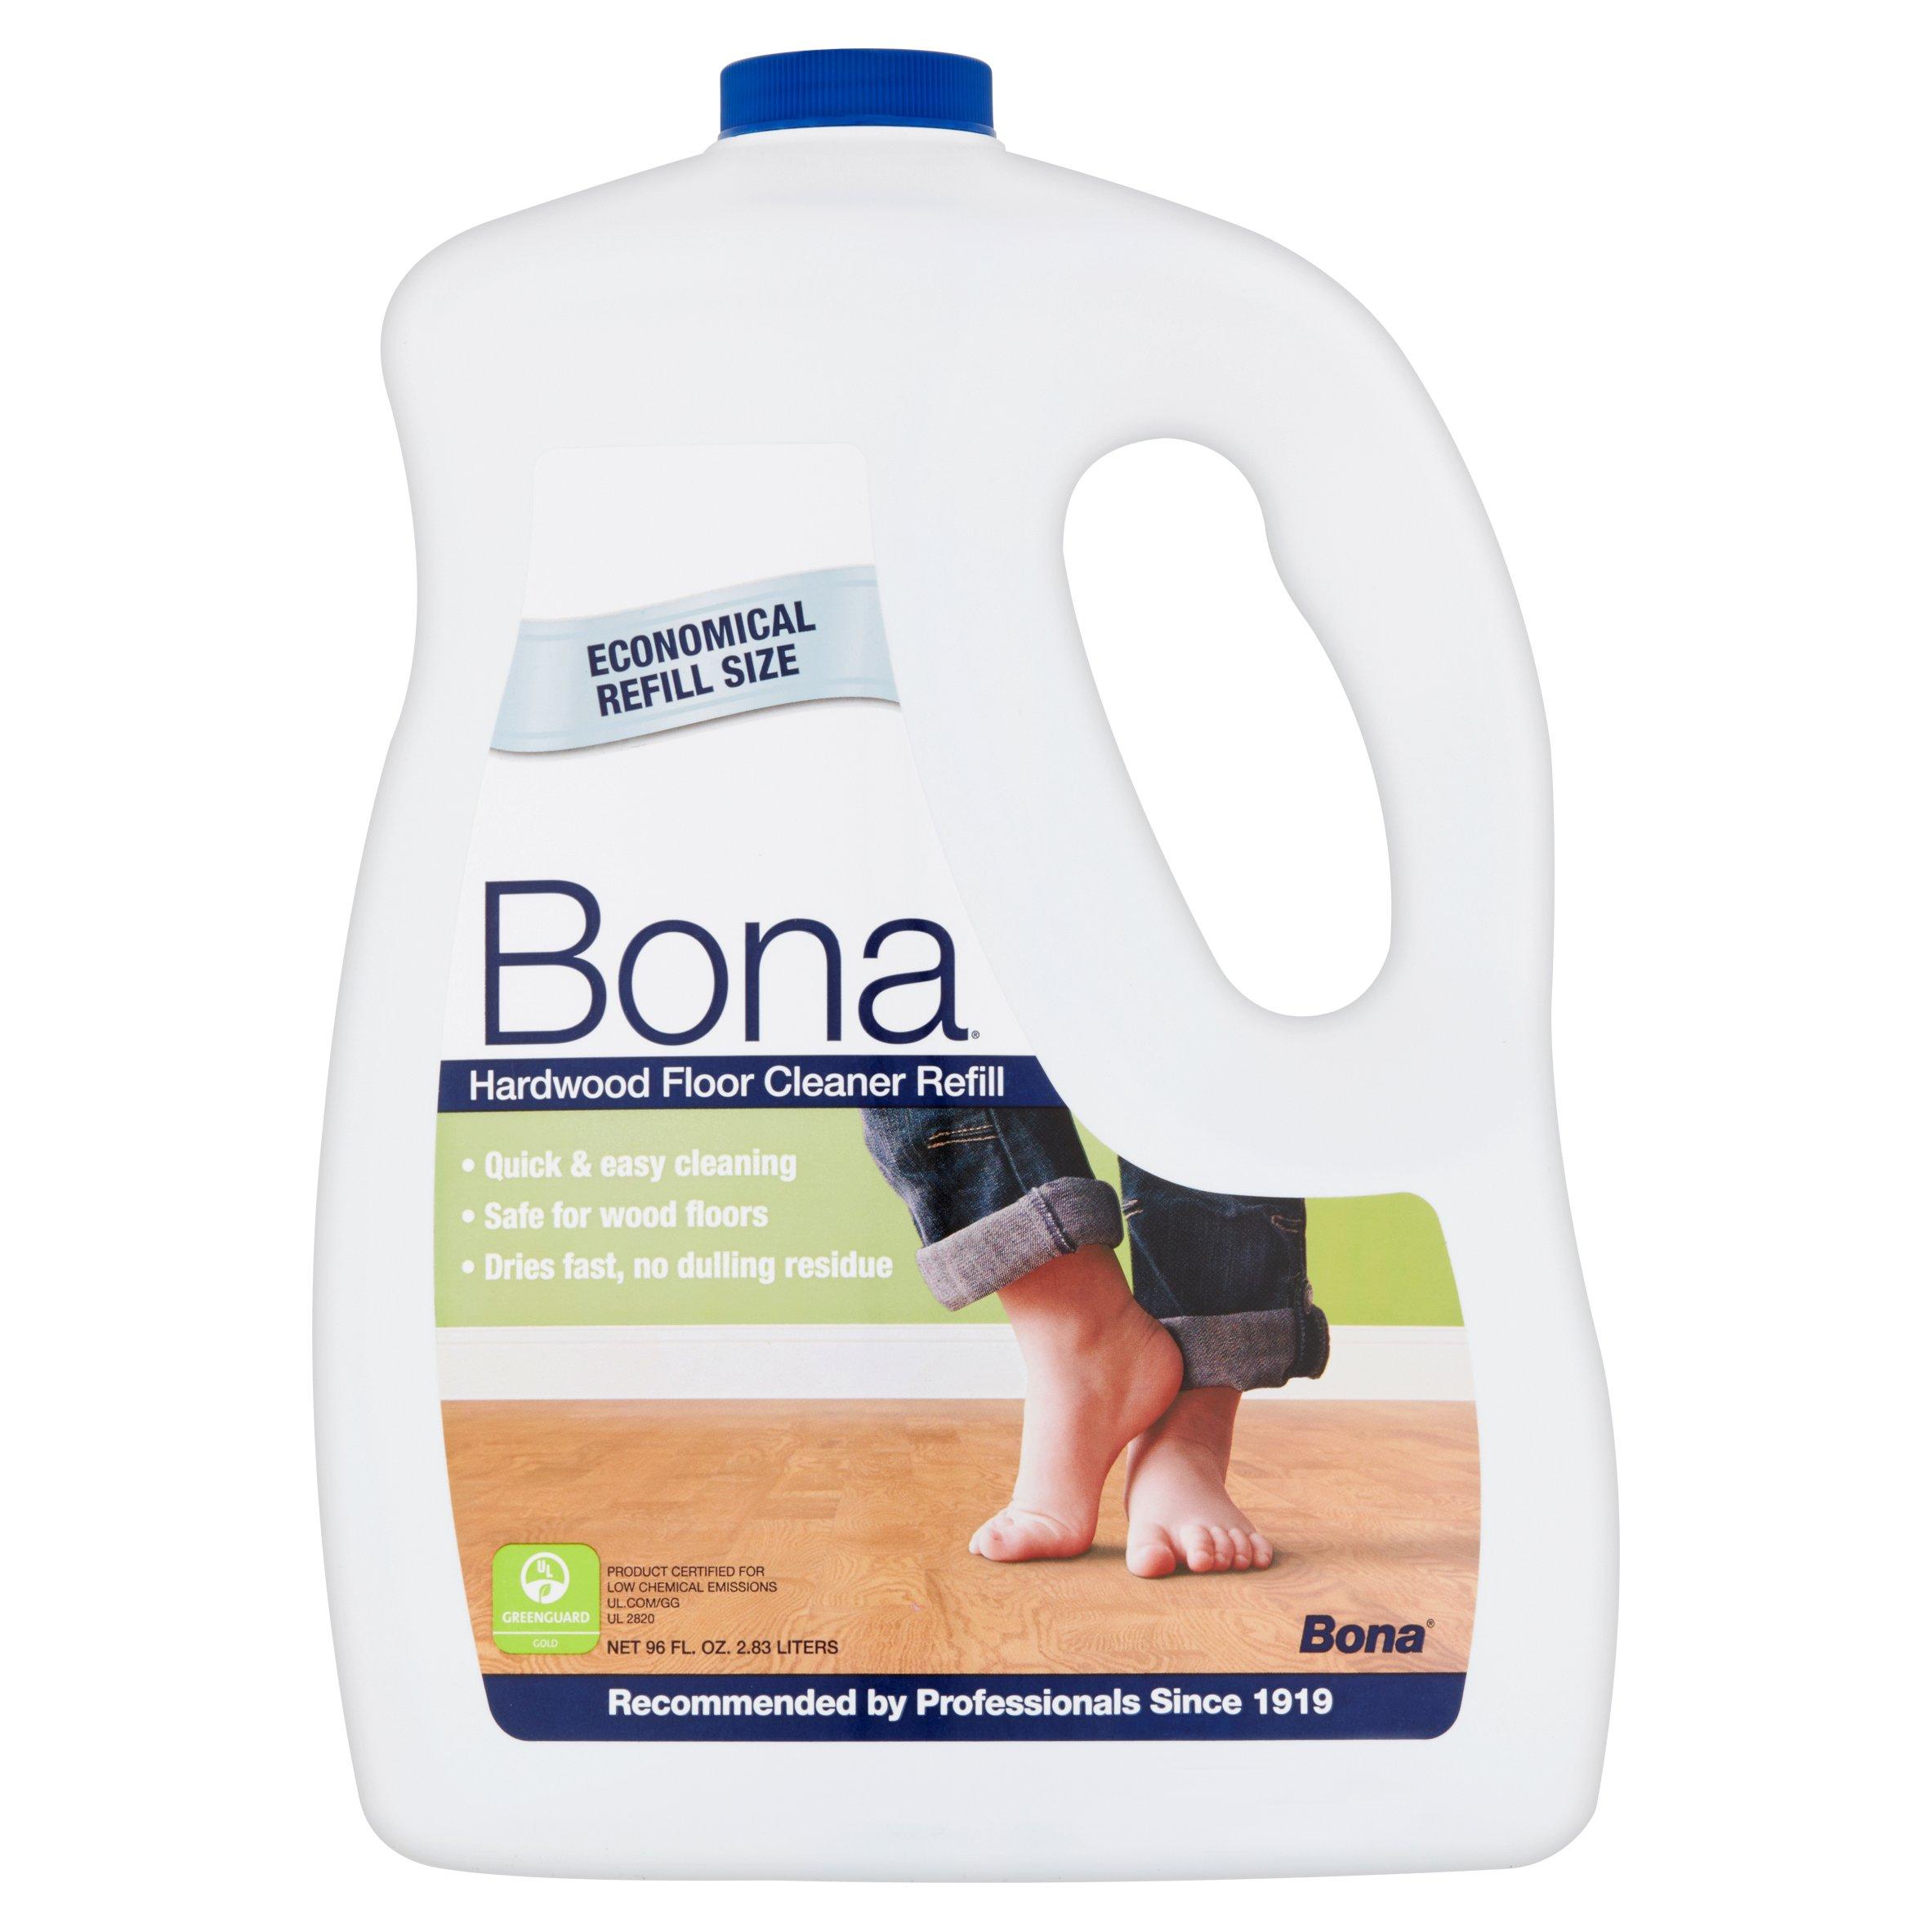 Bona Hardwood Floor Cleaner Refill 96 fl oz Walmartcom